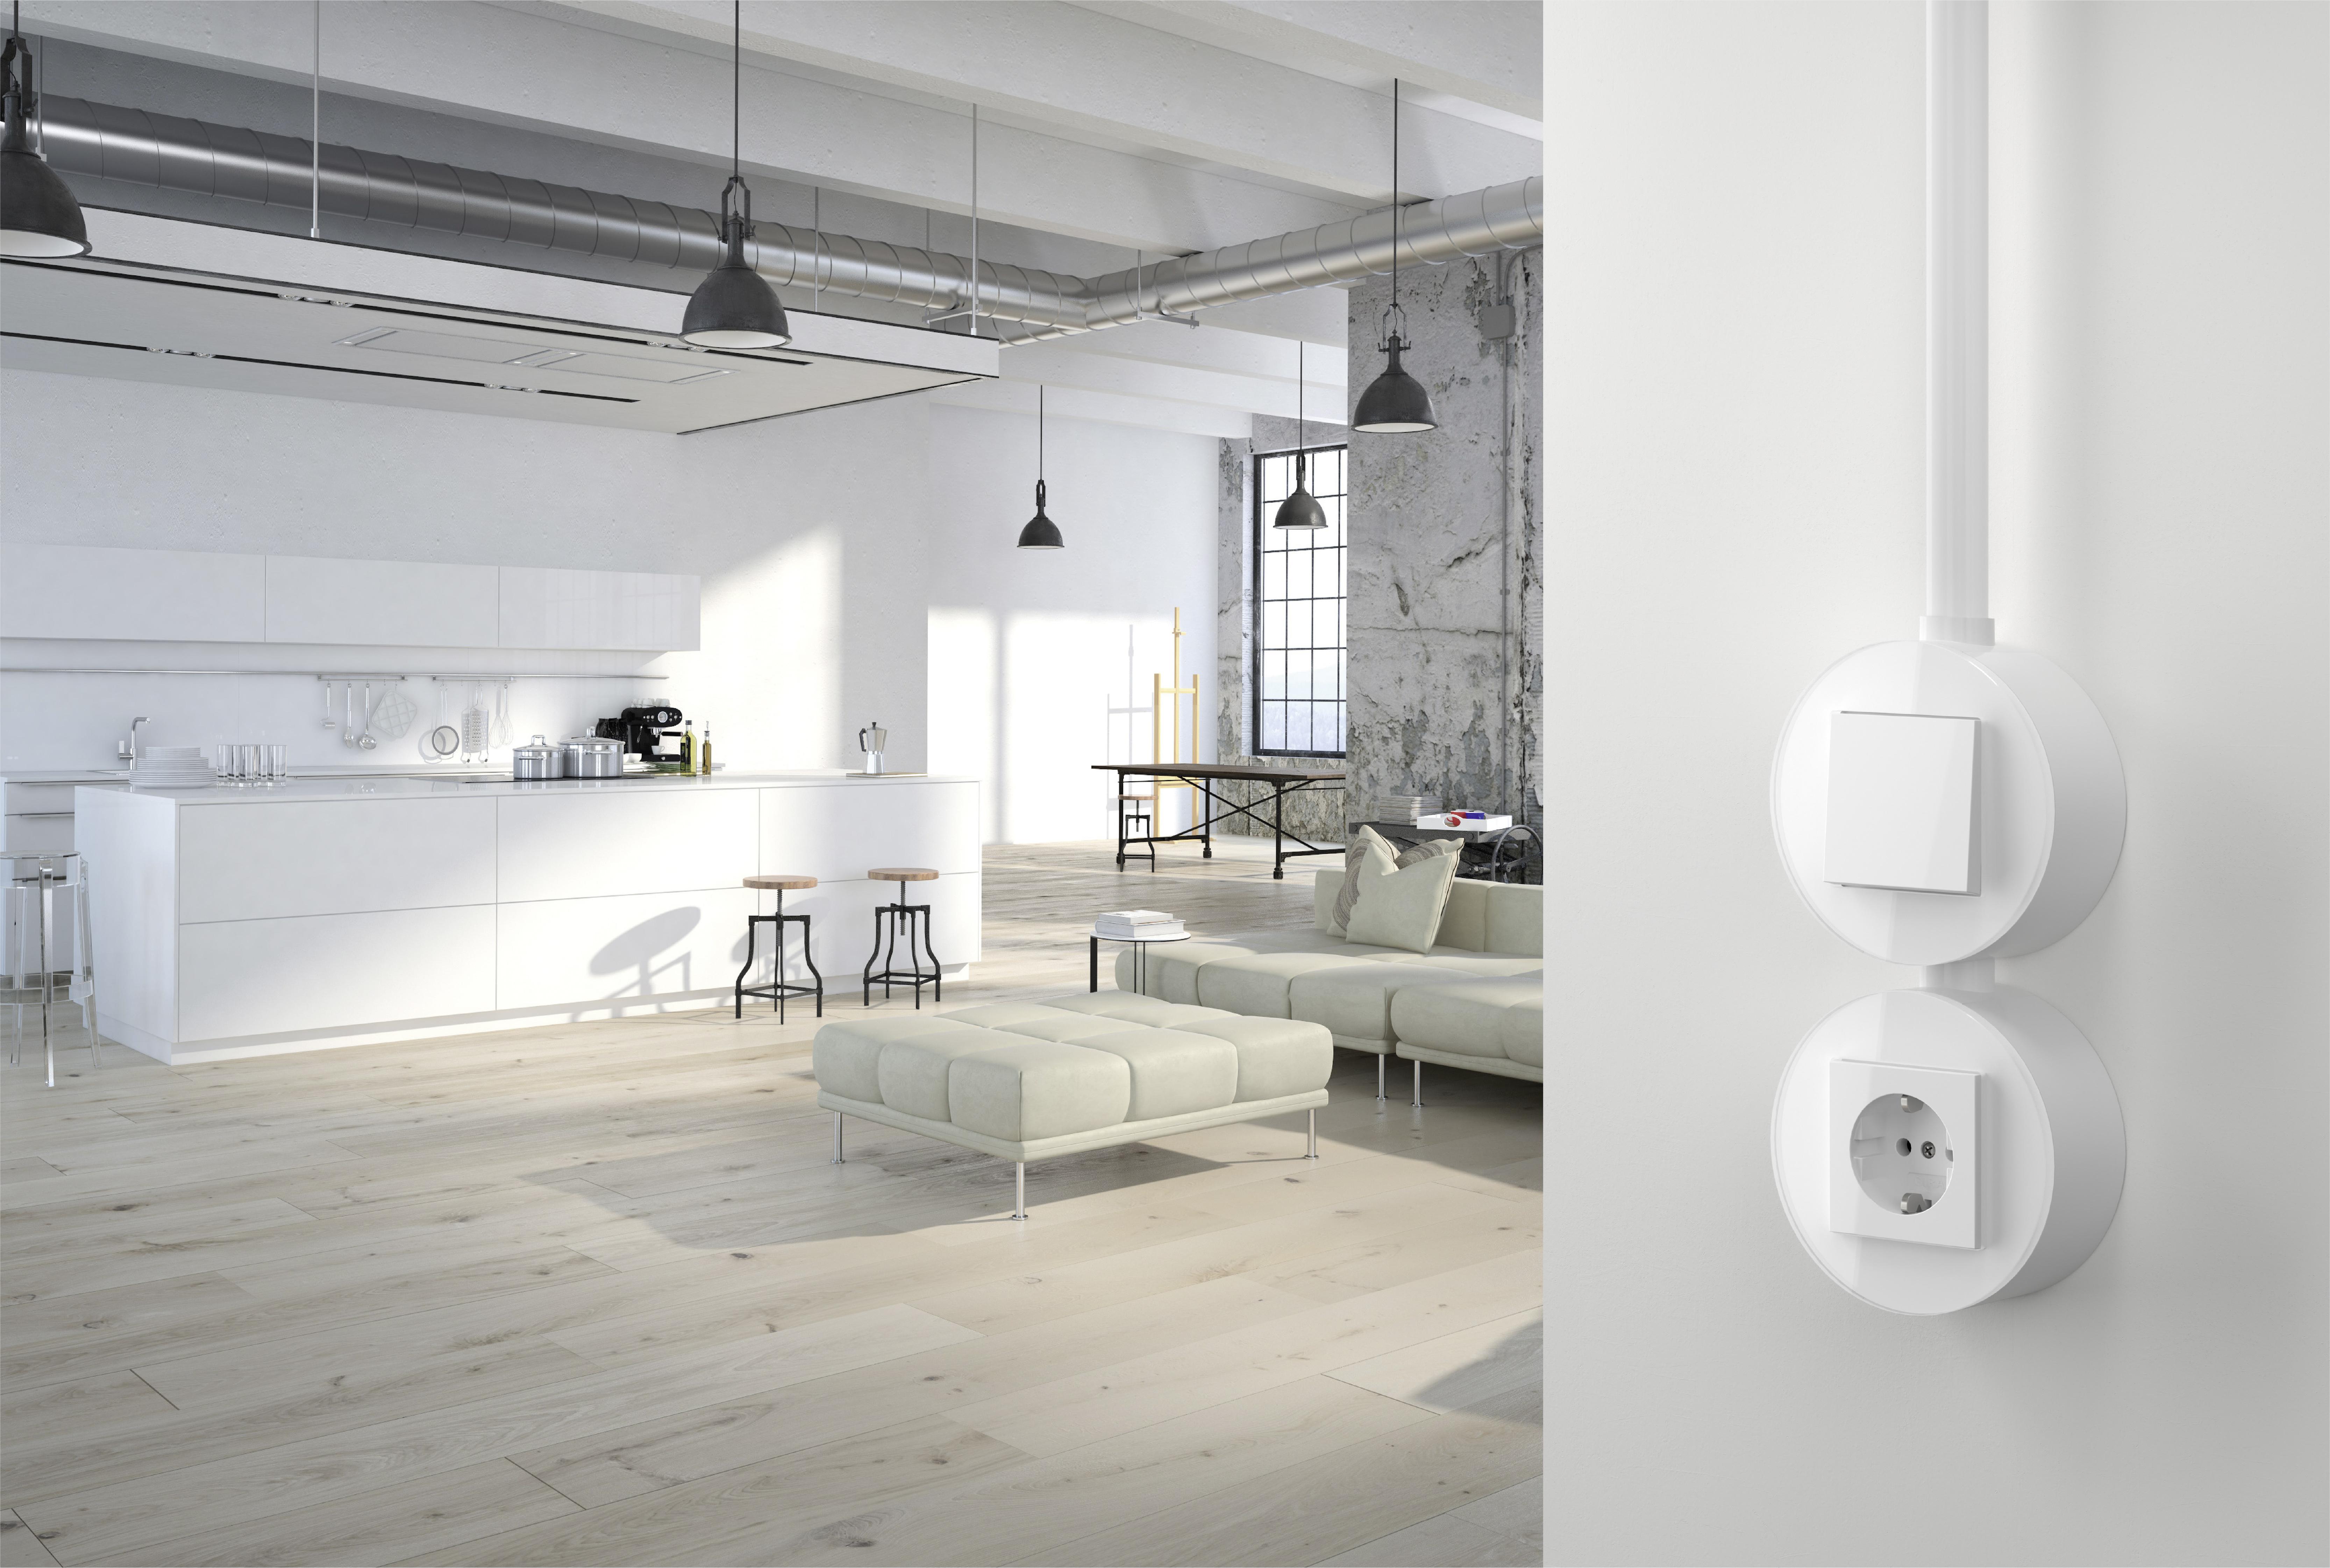 Gira-Studio-1 - Schalterprogramme von Gira bei der Design District 1010 in Wien im Oktober 2019